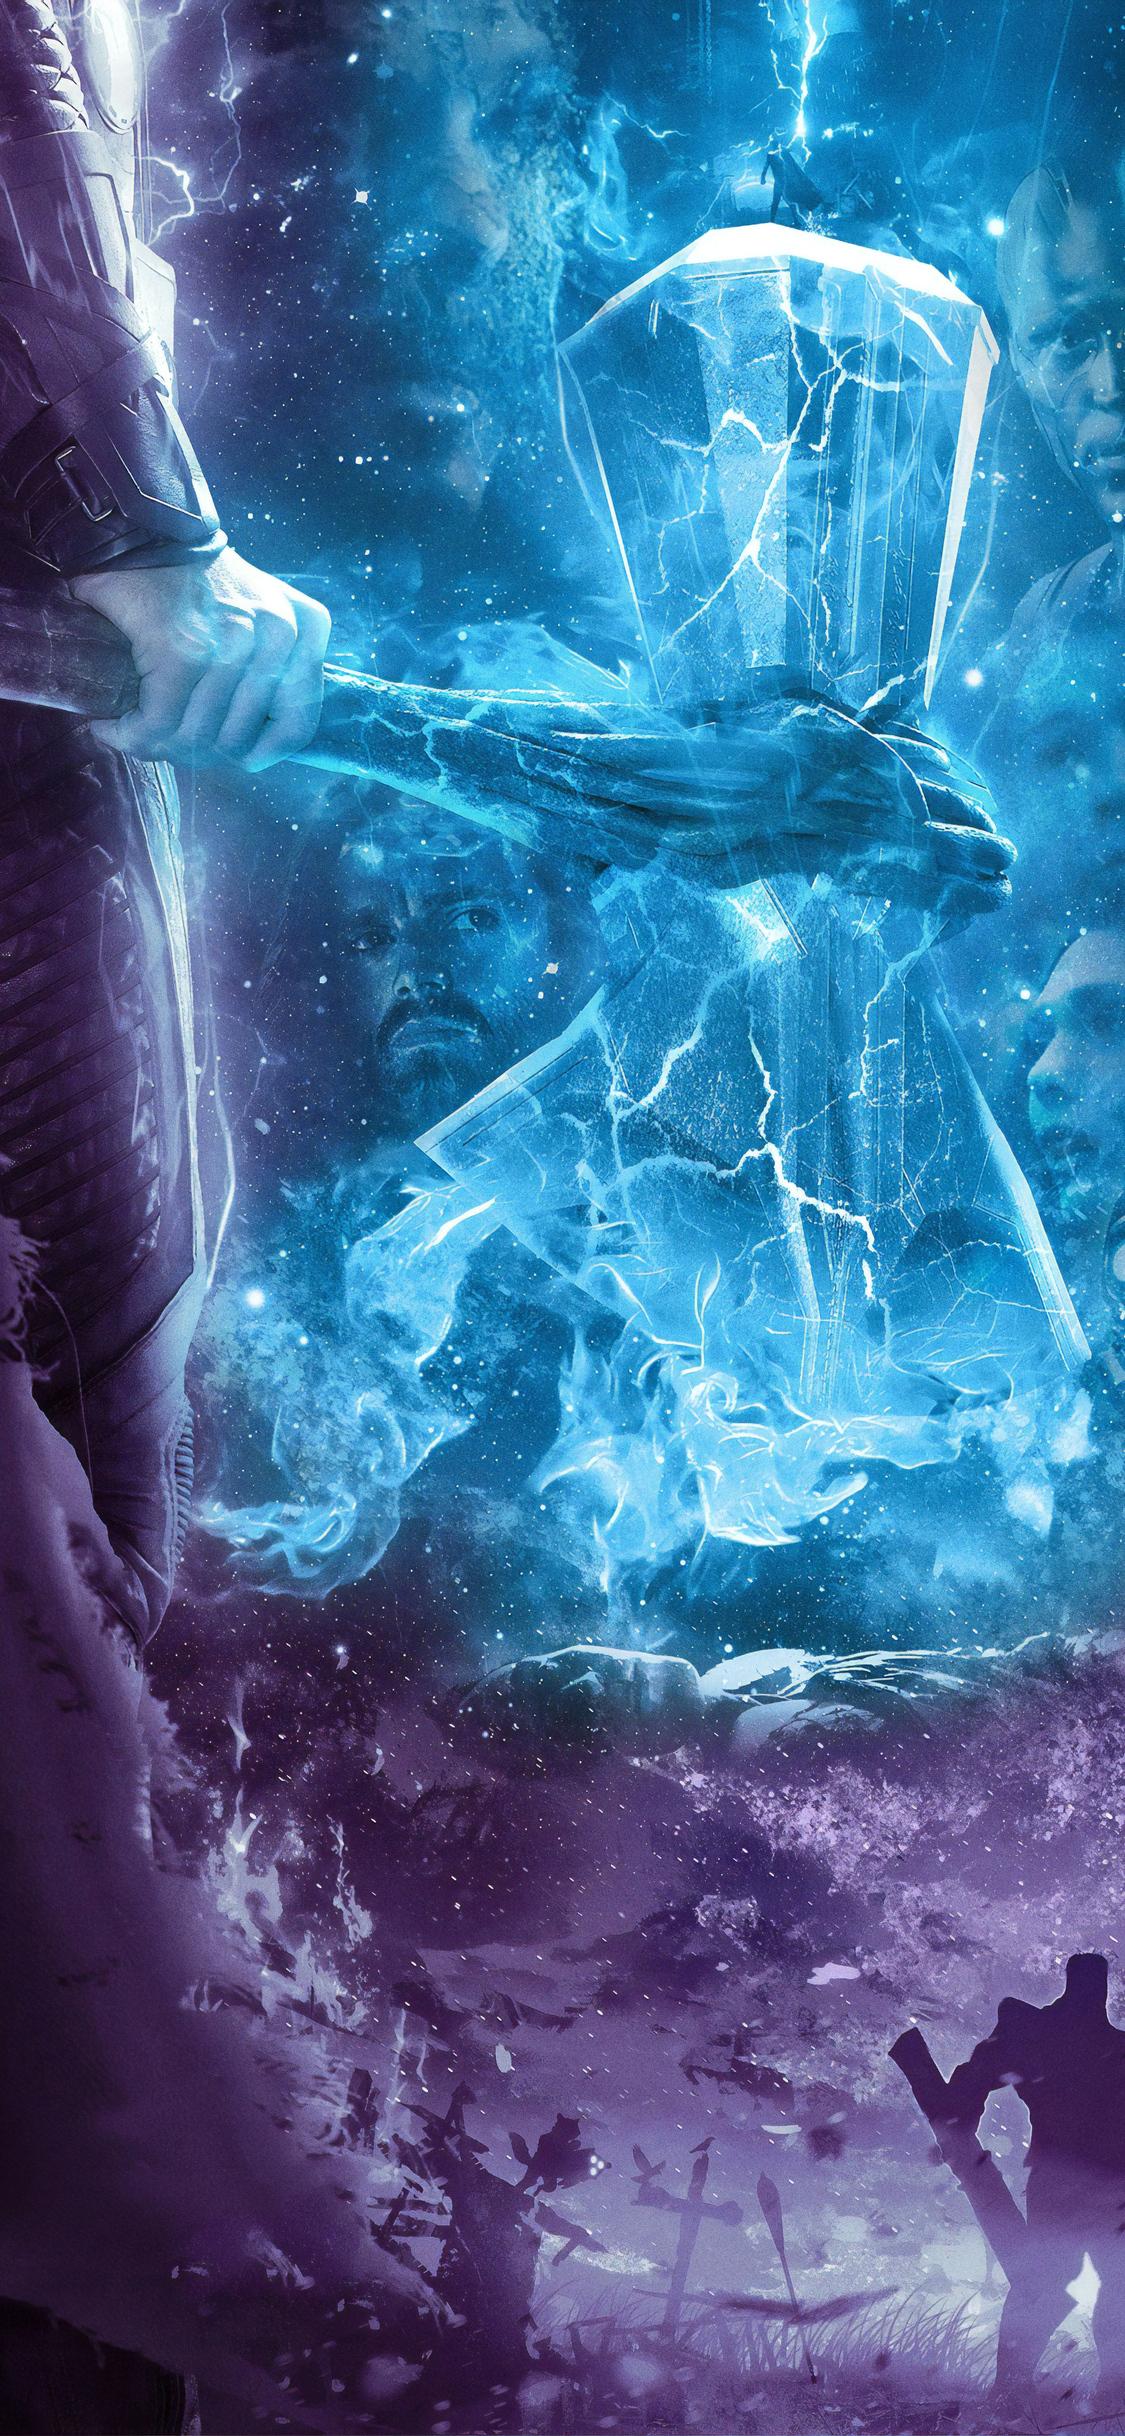 1125x2436 Avengers Endgame Thor Hammer Poster 4k Iphone Xs